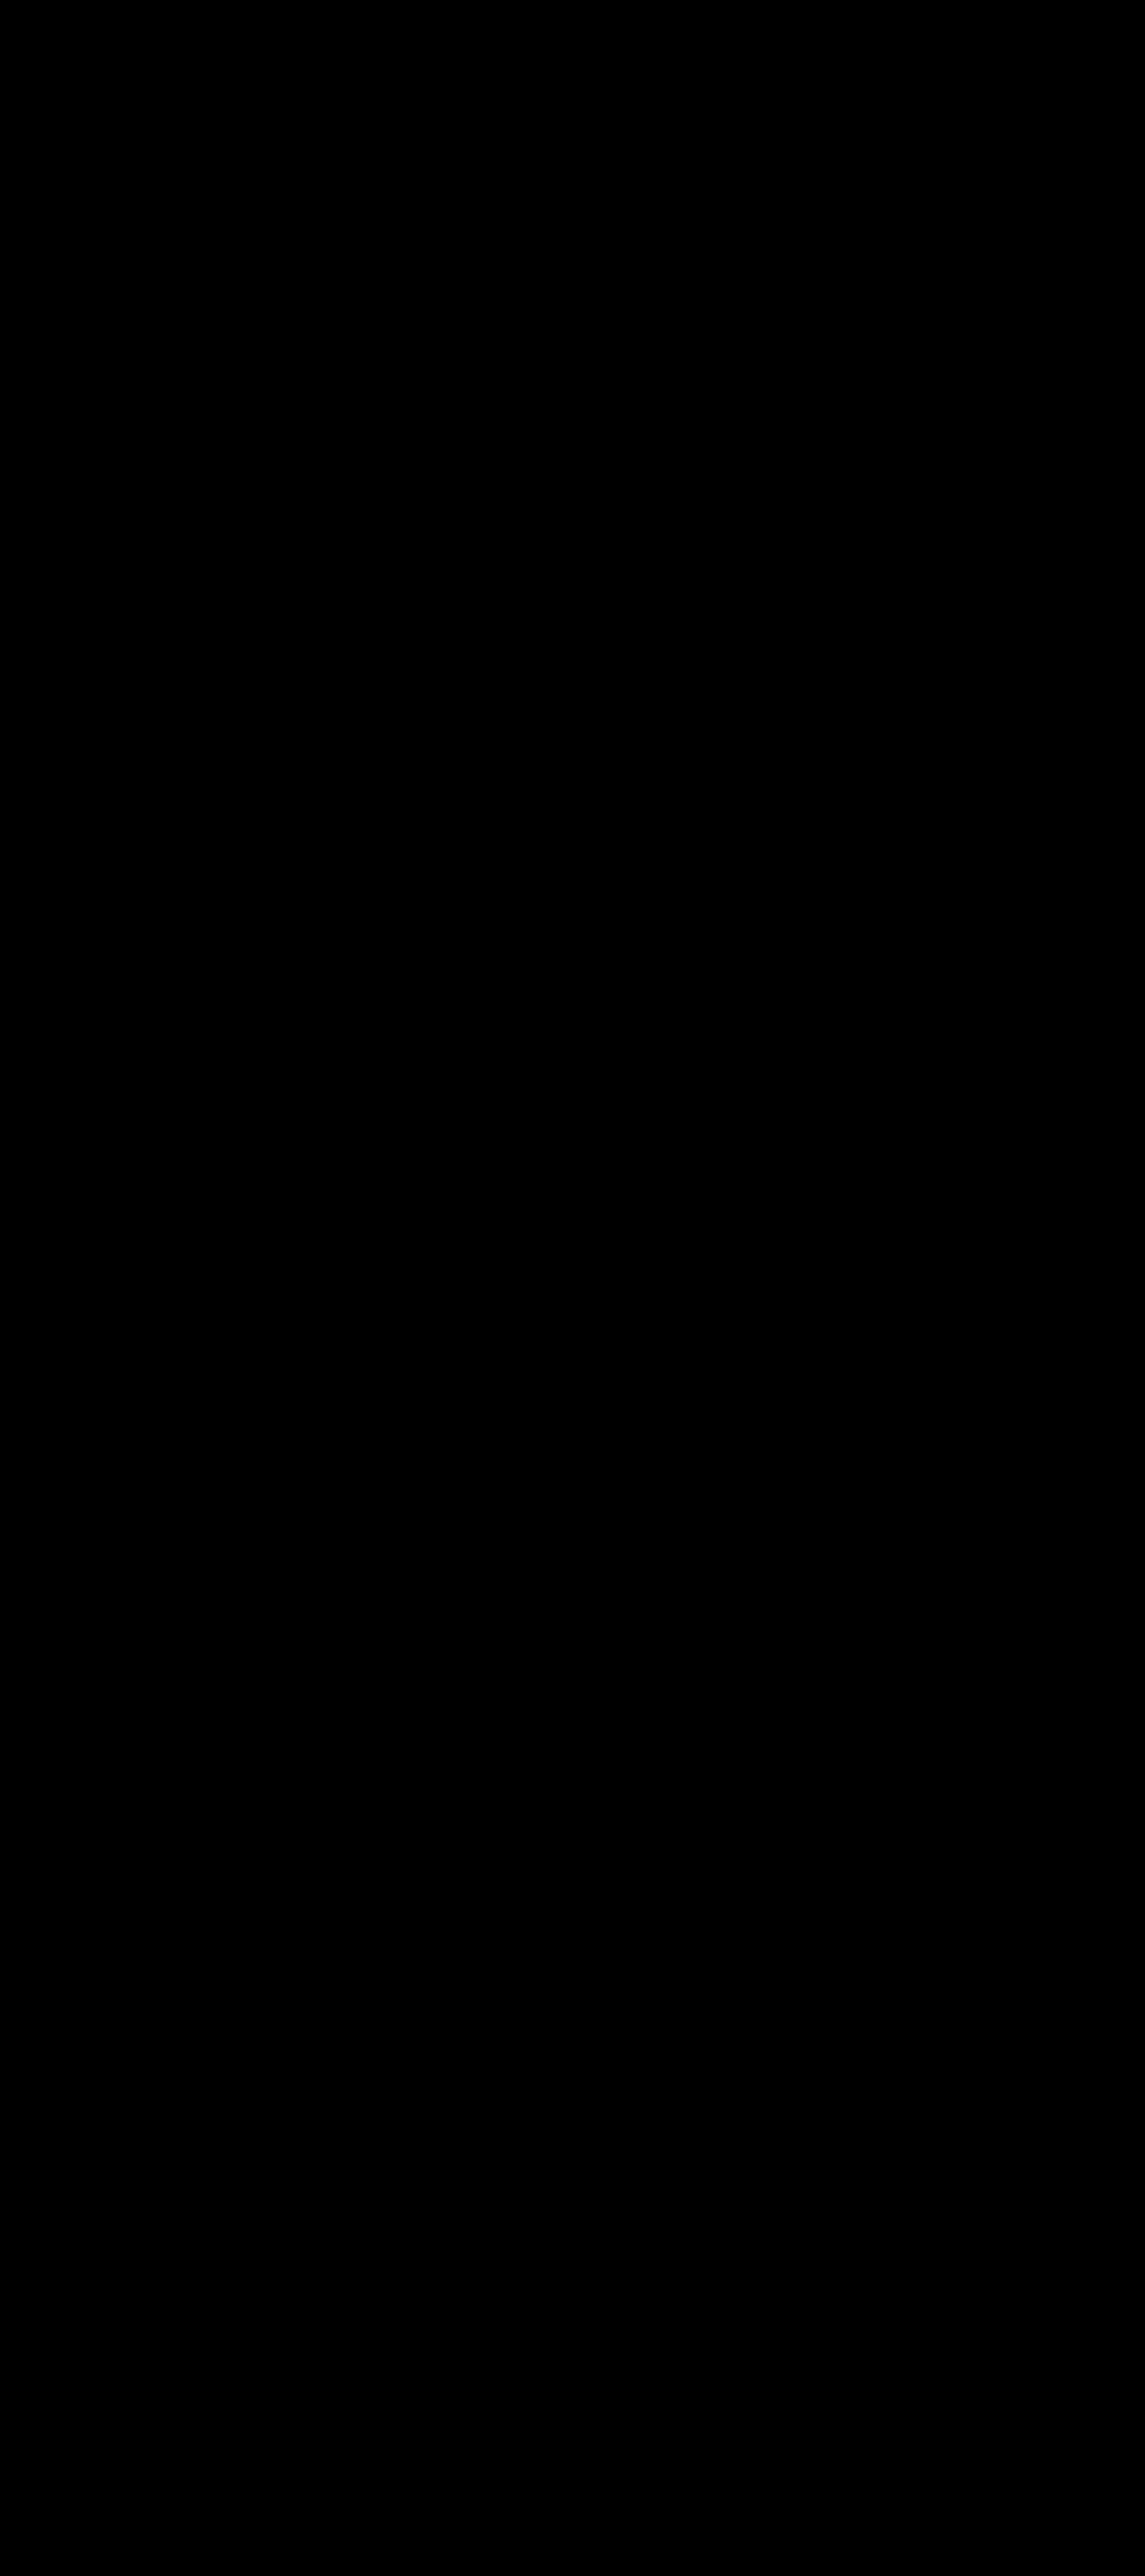 Kepri Digital Exhibition